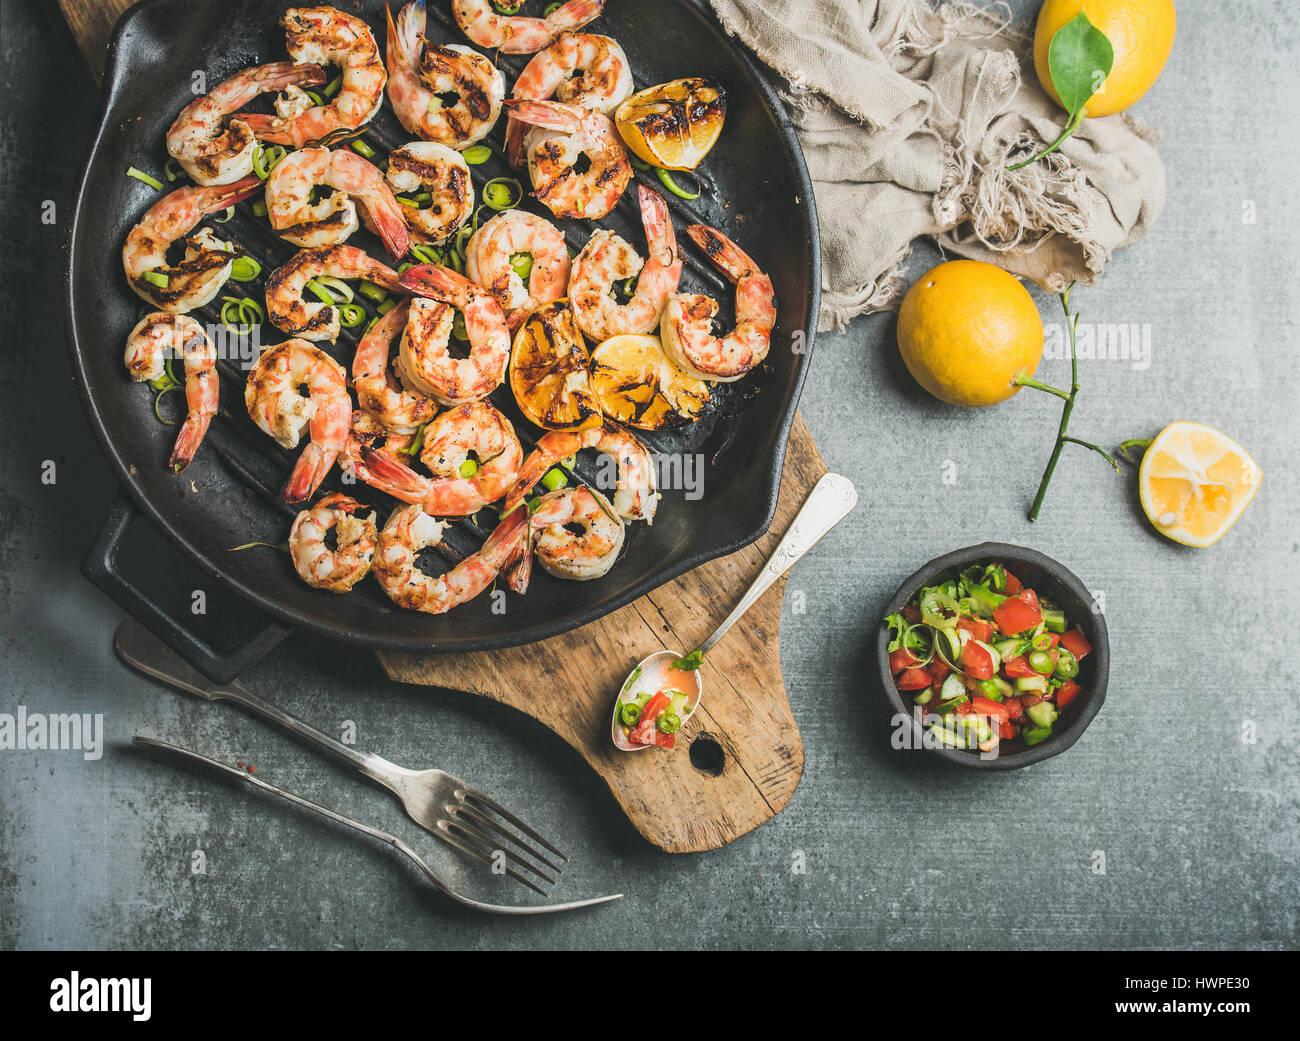 Grilled tiger prawns in pan with lemon, leek, chili, sauce - Stock Image